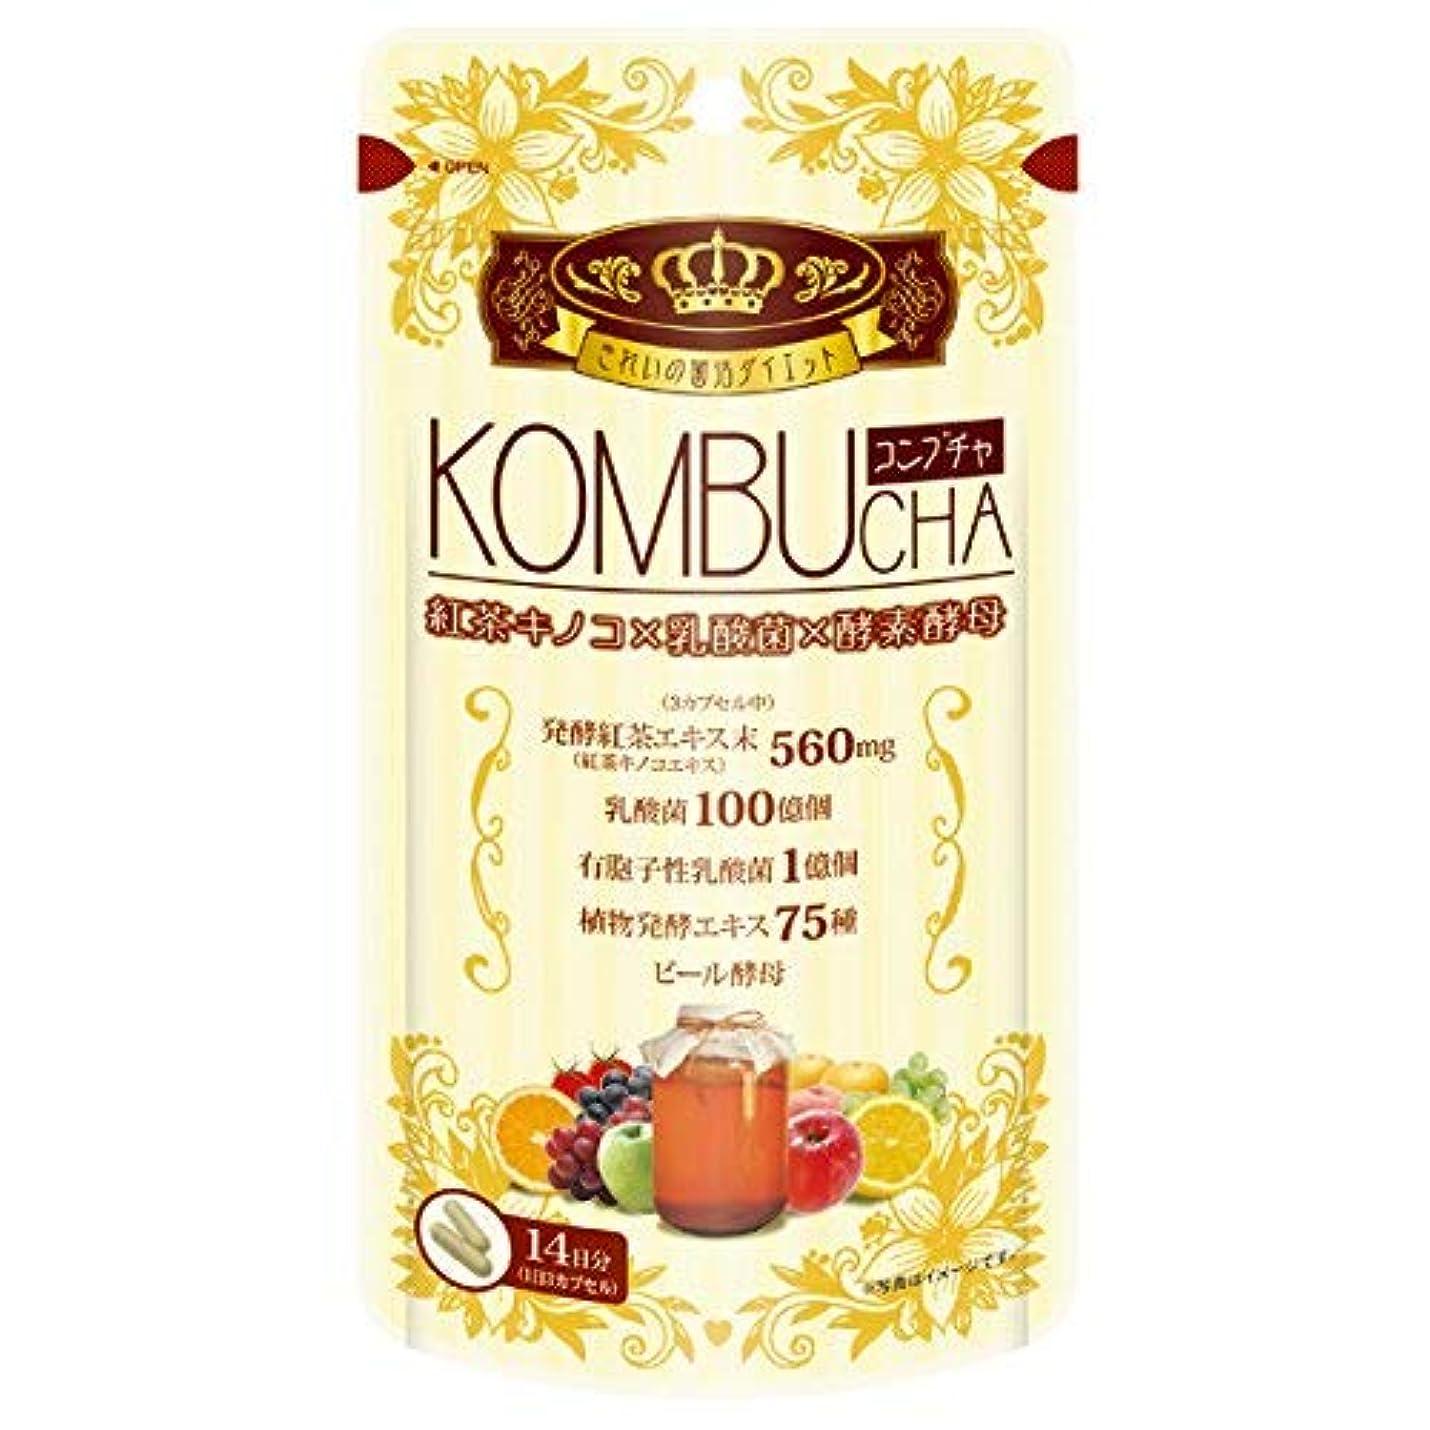 ヘルパー感覚サイクルユーワ YUWA KOMBUCHA 42粒 コンブチャ(腸活 菌活) 2個セット